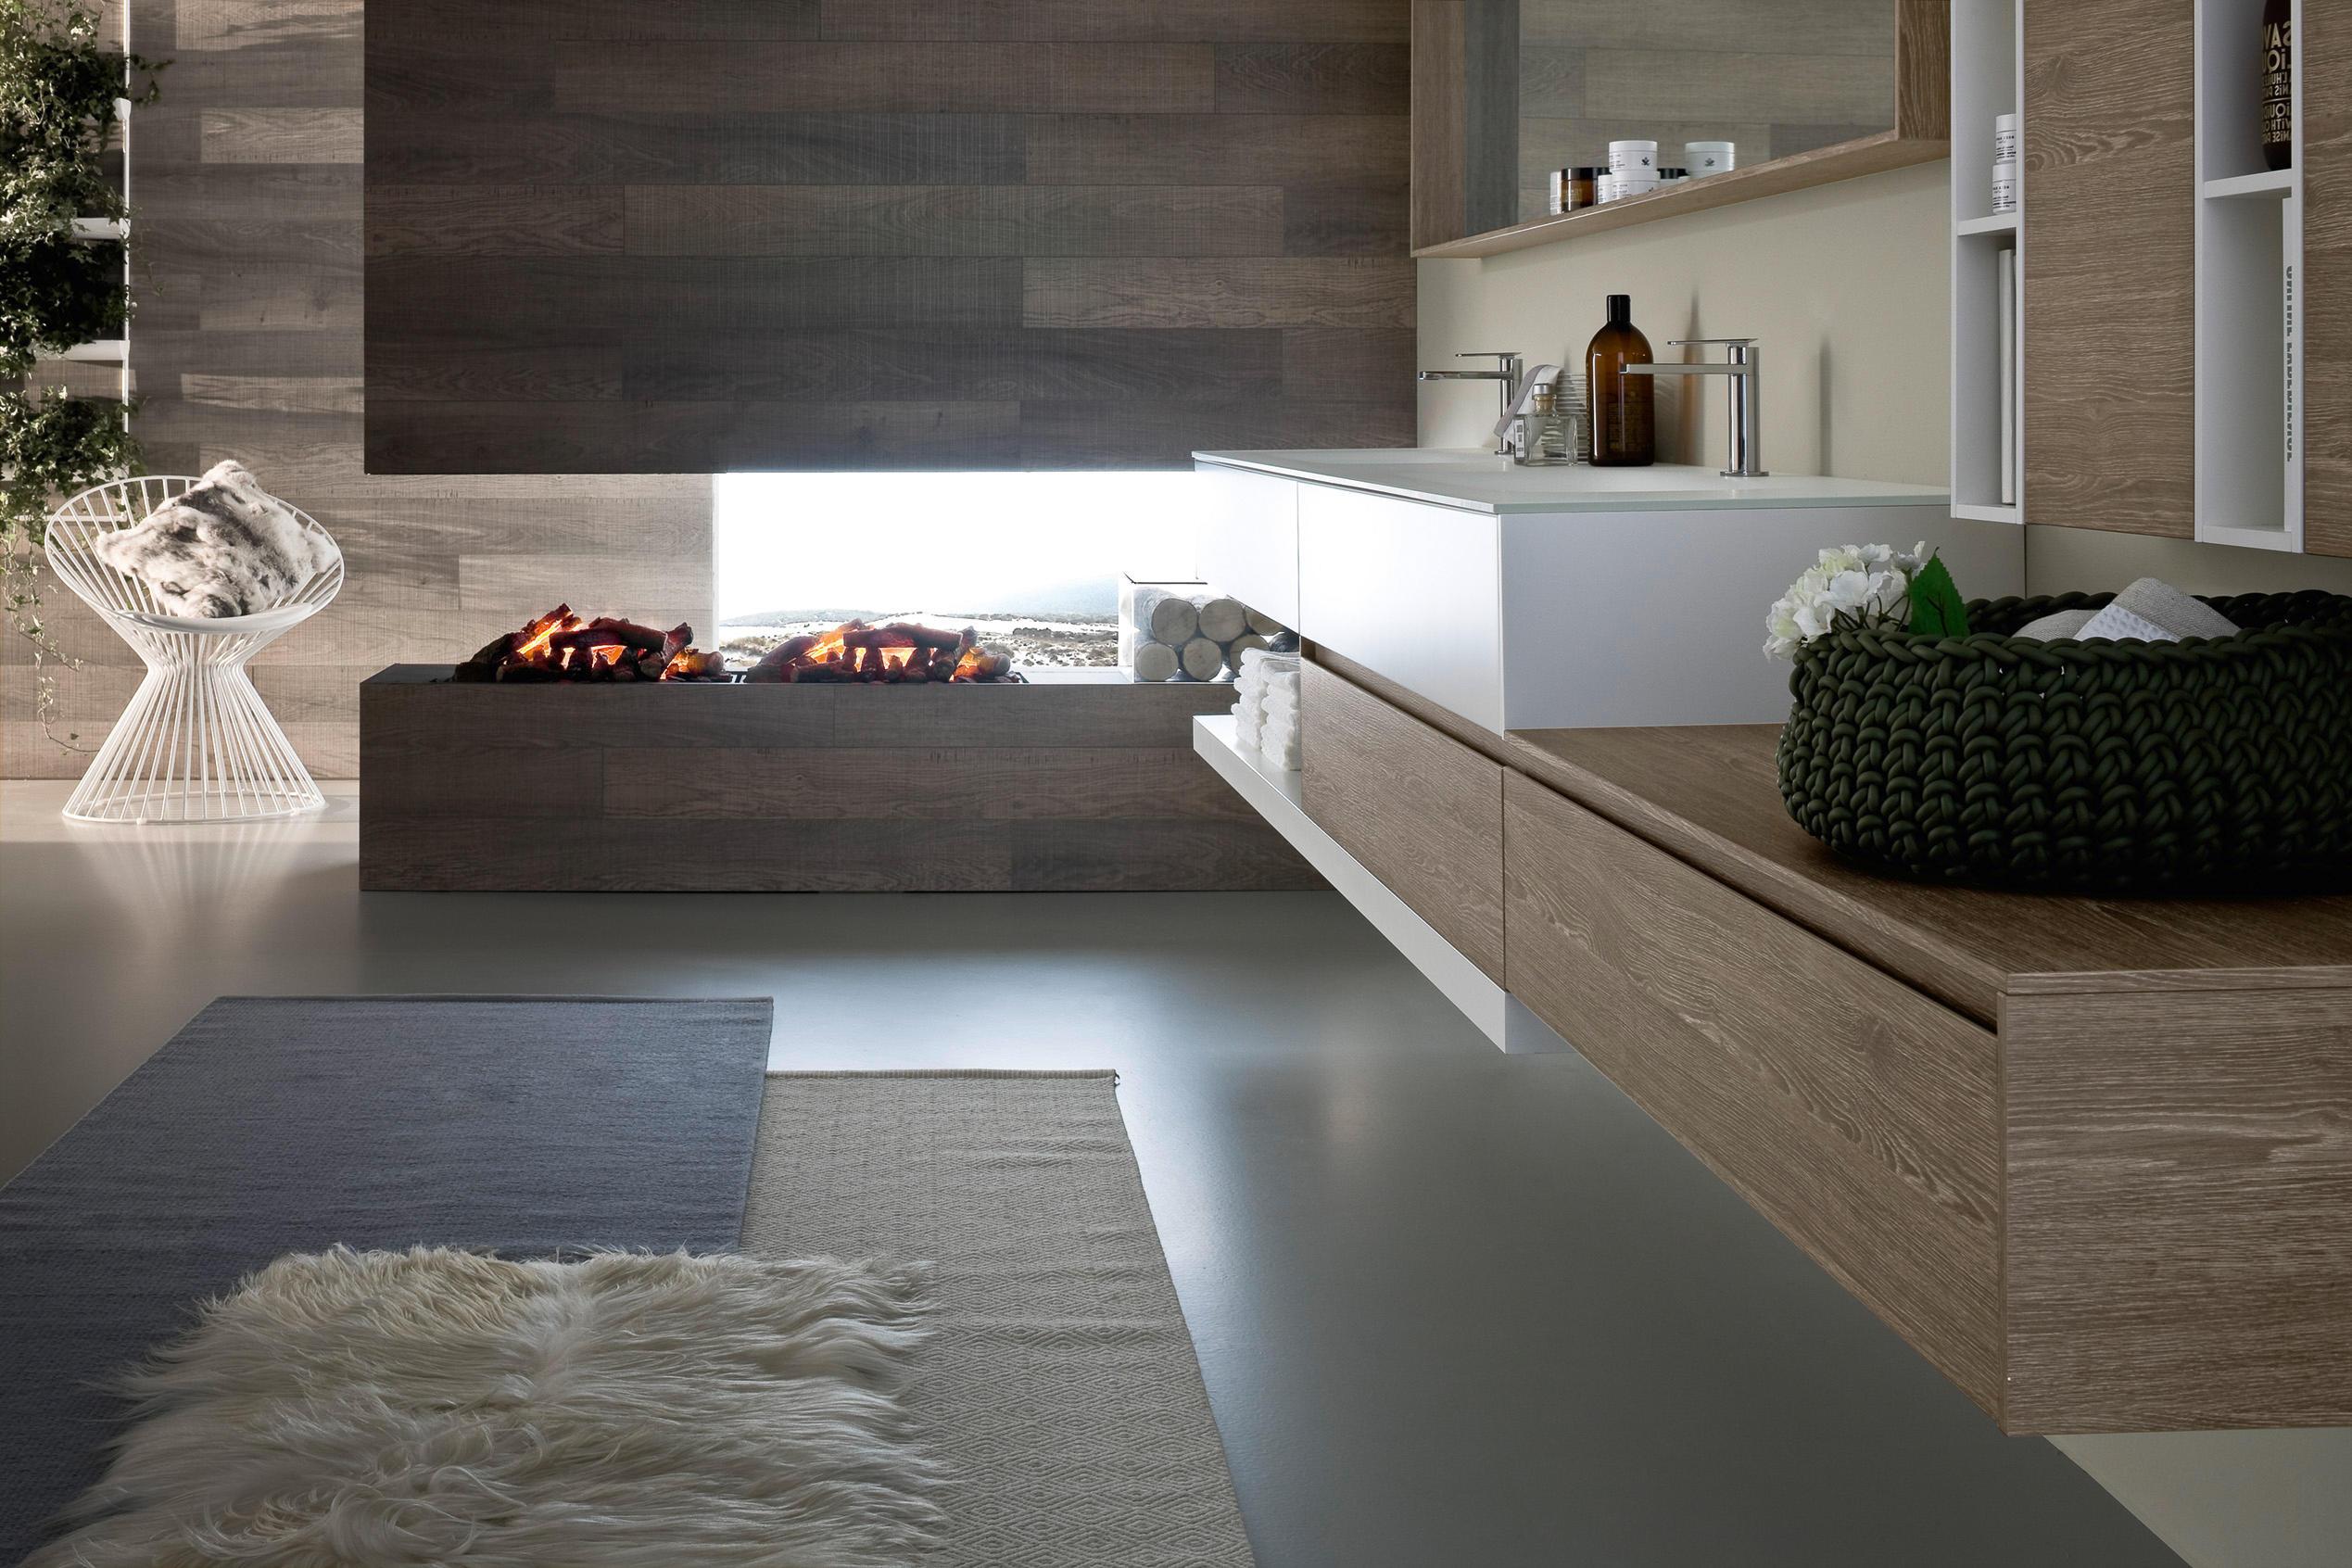 Salle De Bain Idea Group ~ my nyu 01 meubles muraux salle de bain de idea group architonic